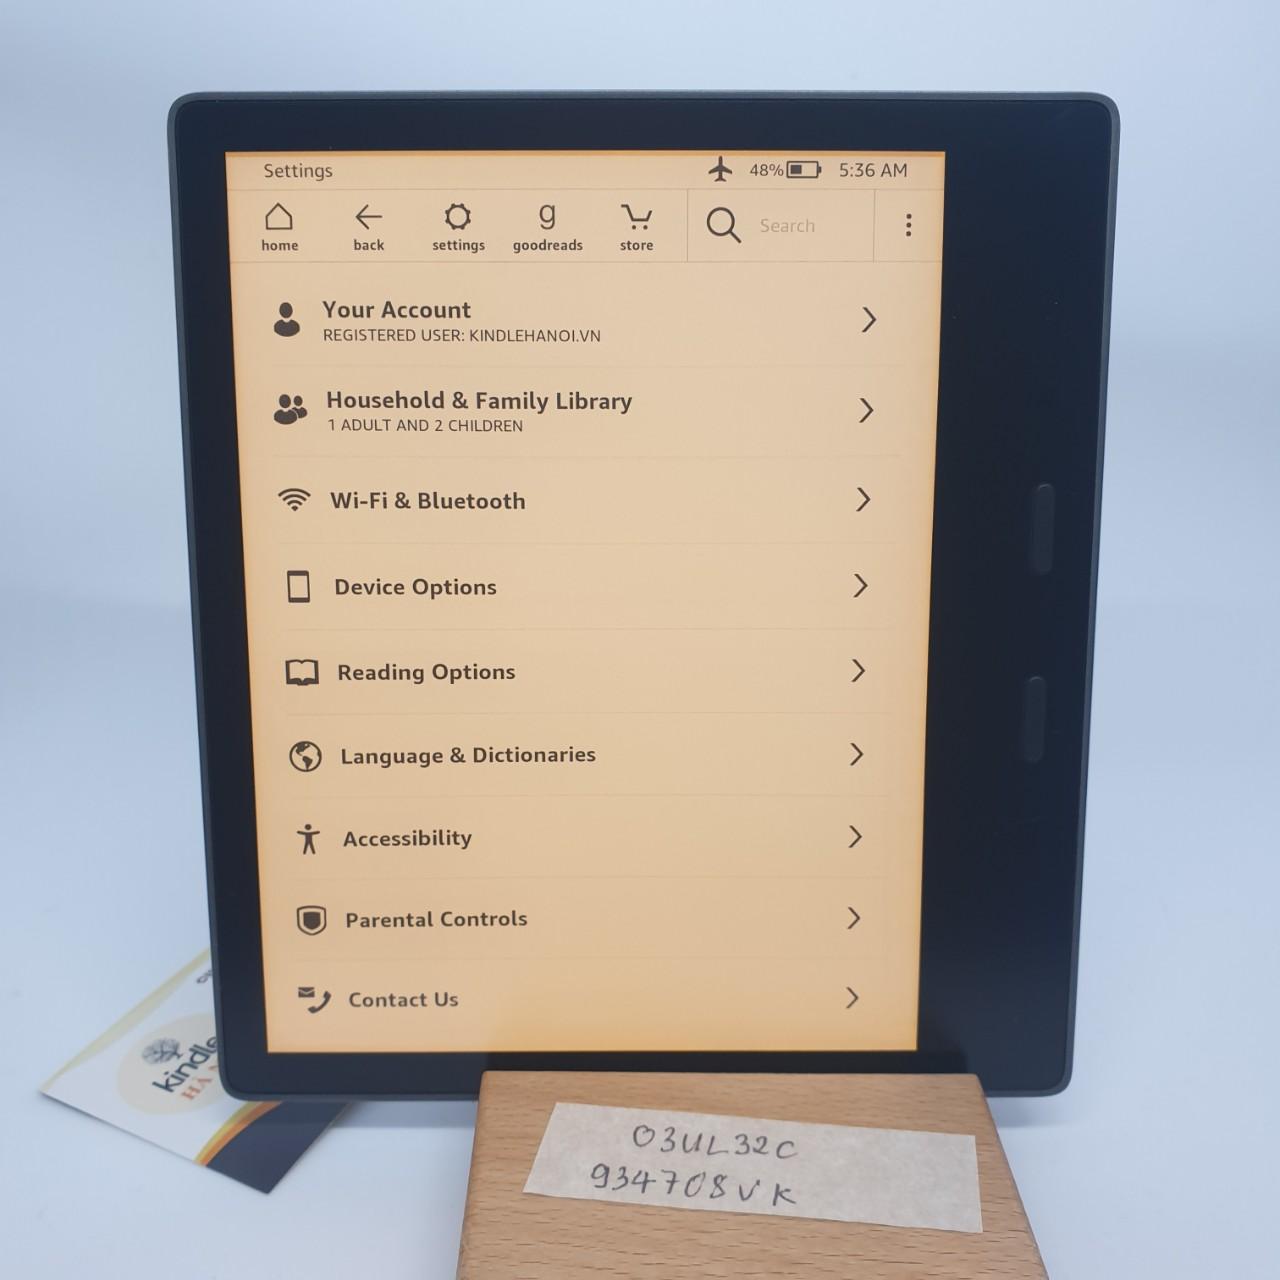 Máy đọc sách Kindle Oasis 3 (10th) O3 bản 32GB mã 08VK – Used Very Good